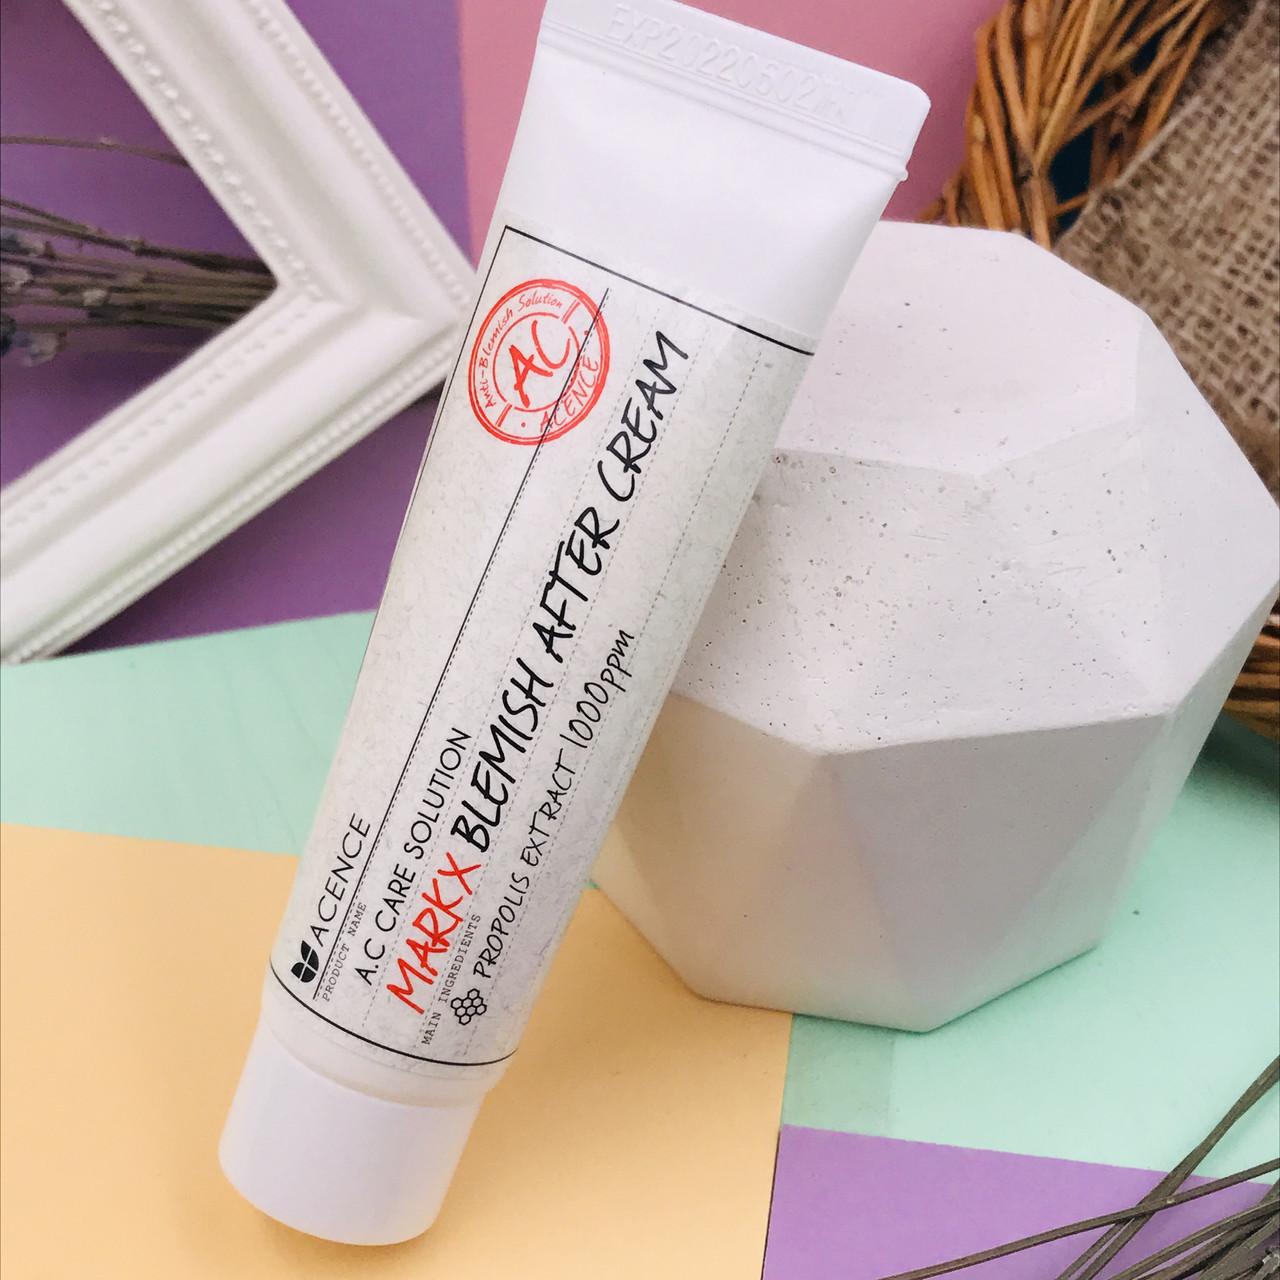 Эффективный крем для борьбы с акне и следами от акне Mizon Acence Mark X Blemish After Cream